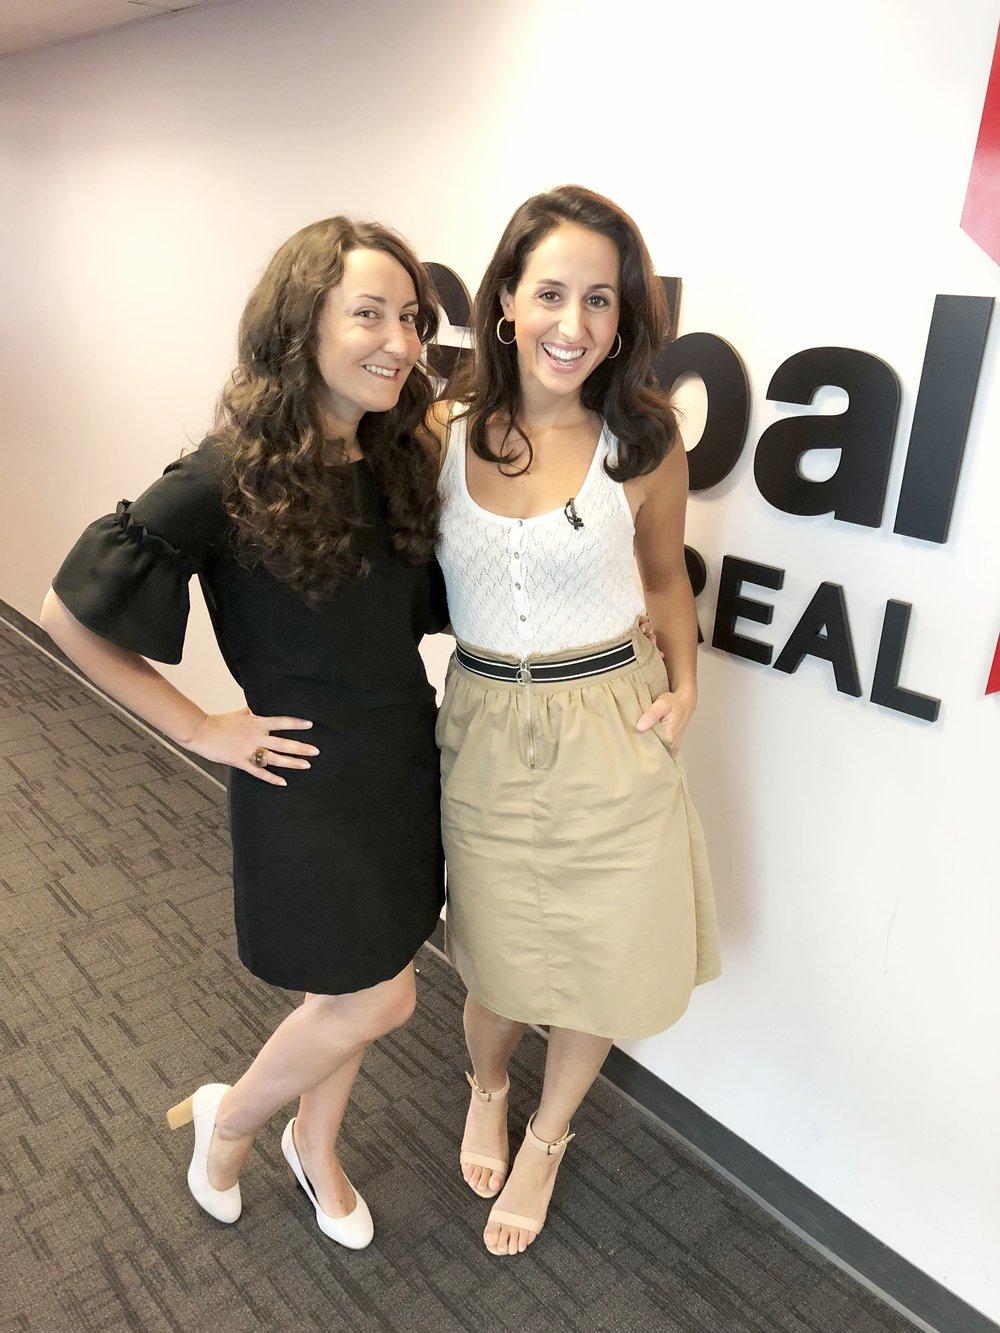 Global-Global Montréal-chronique télé-voyage en famille-look-télévision-robe-suggestions-Jaime Damak-Je suis une maman